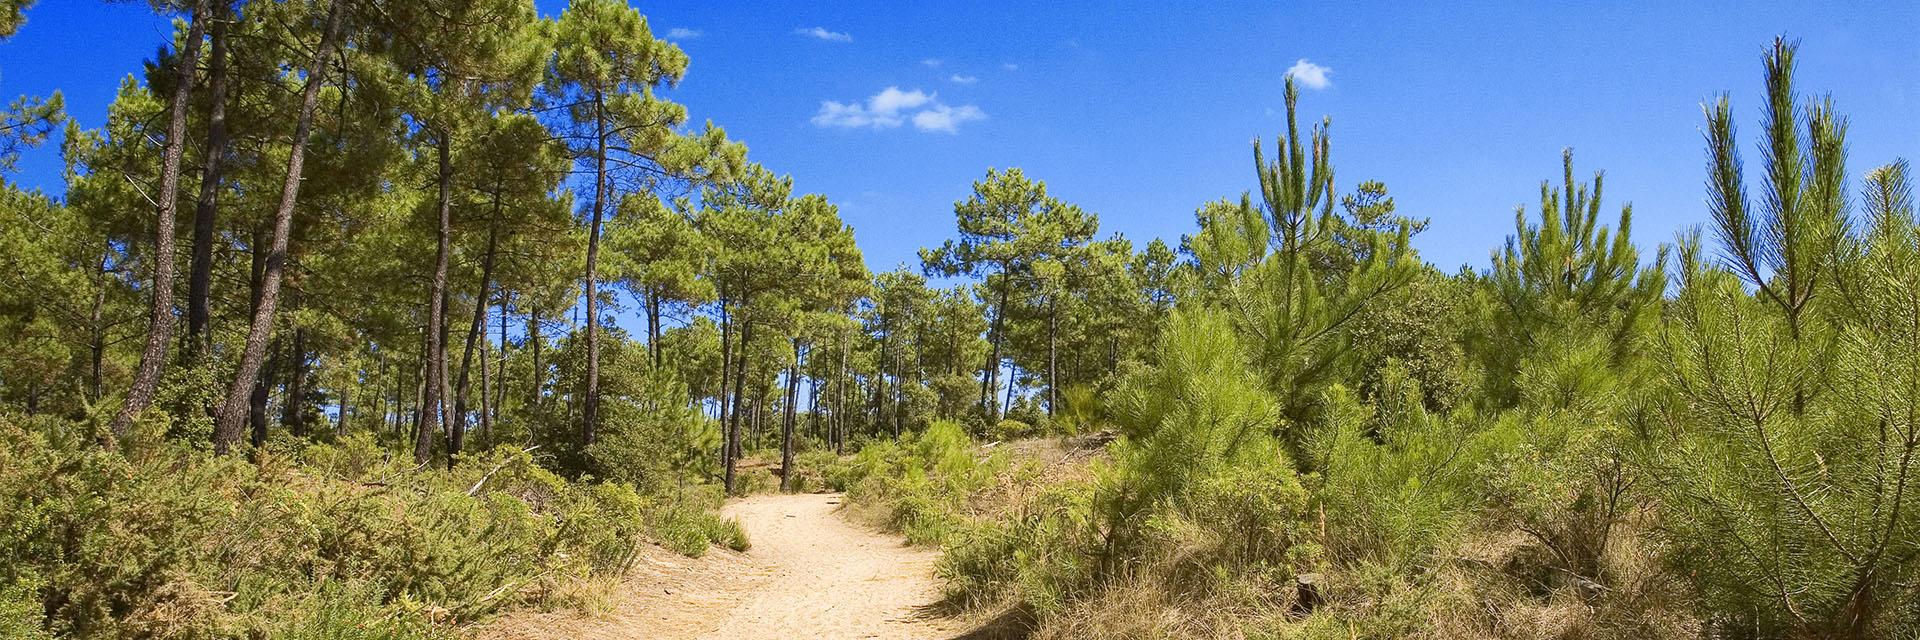 Village_club_vacances_charente-et-landes-arc-en-ciel-oleron-nature-paysage